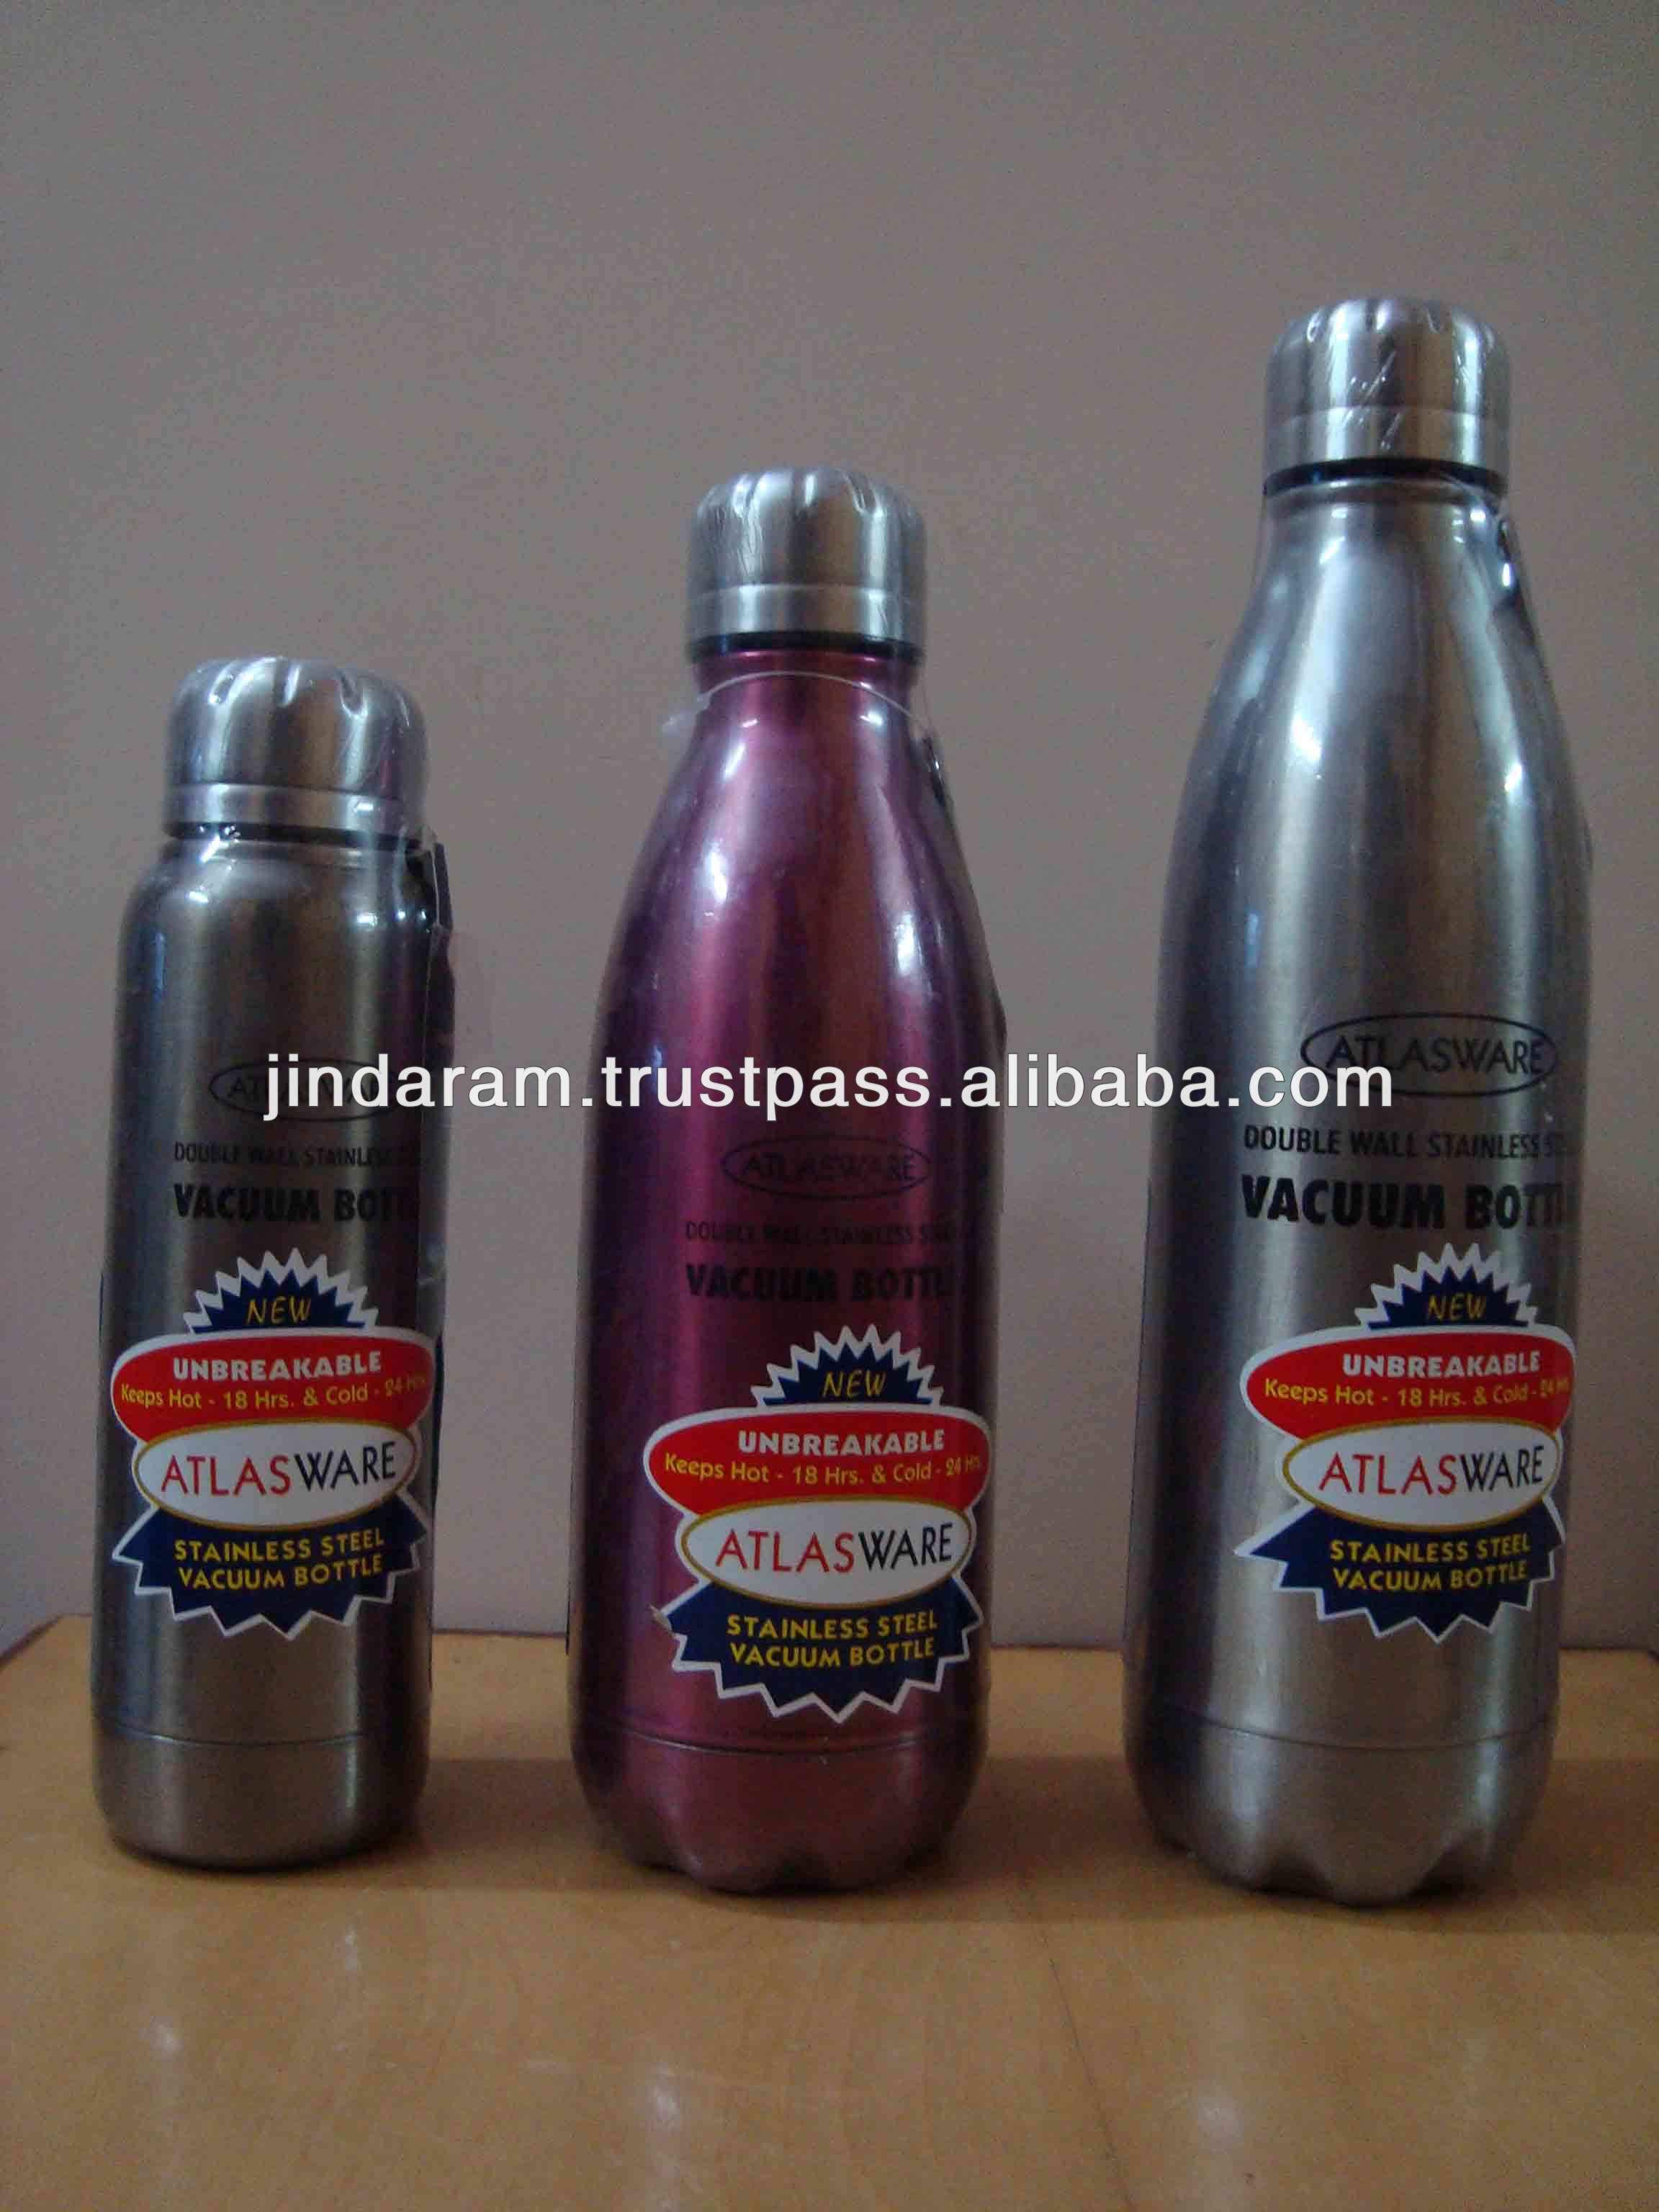 atlasware sports water bottle.jpg